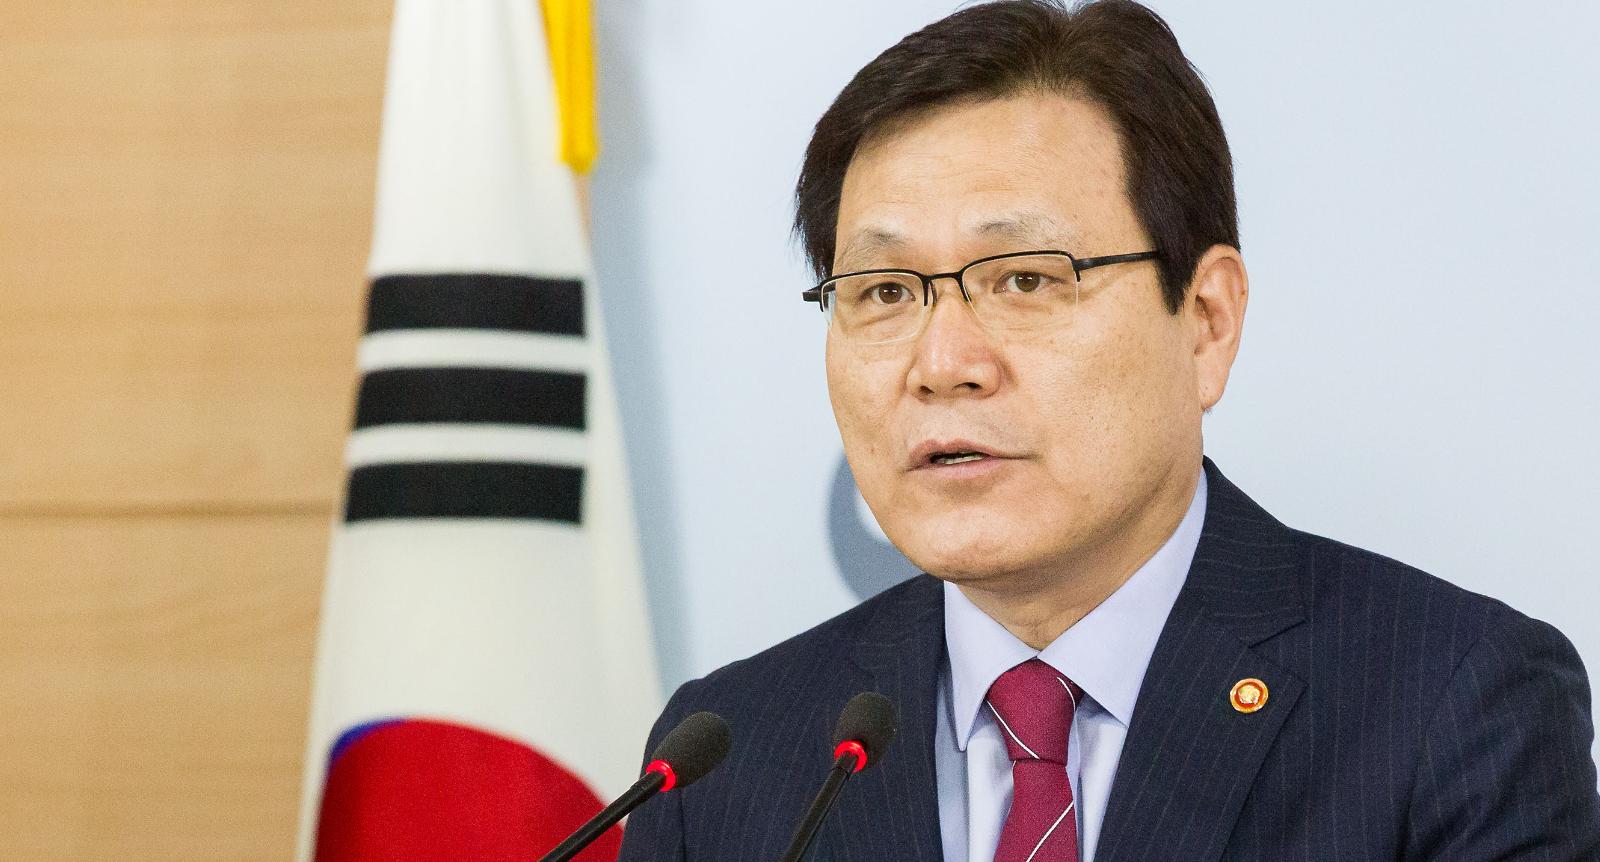 韩国监管机构澄清禁止所有加密货币交易不属实